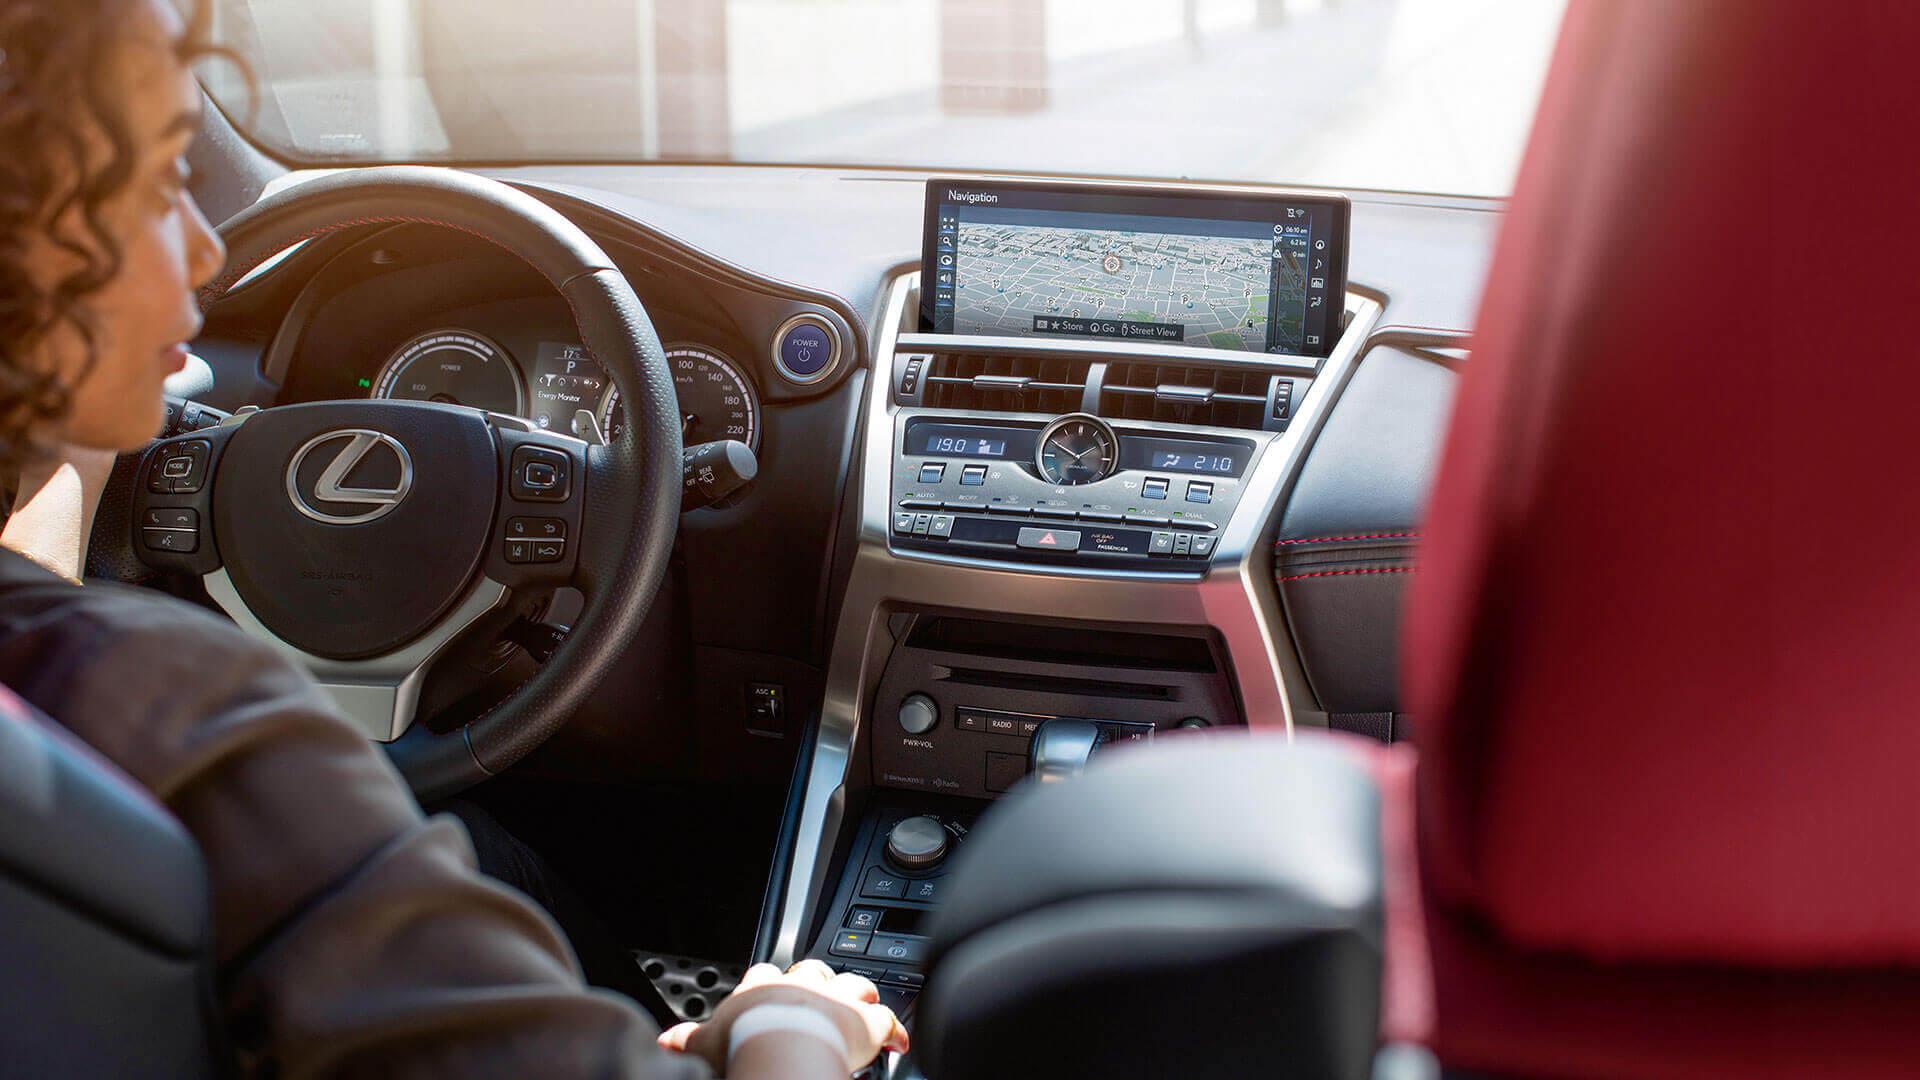 Bedieningspaneel van een Lexus